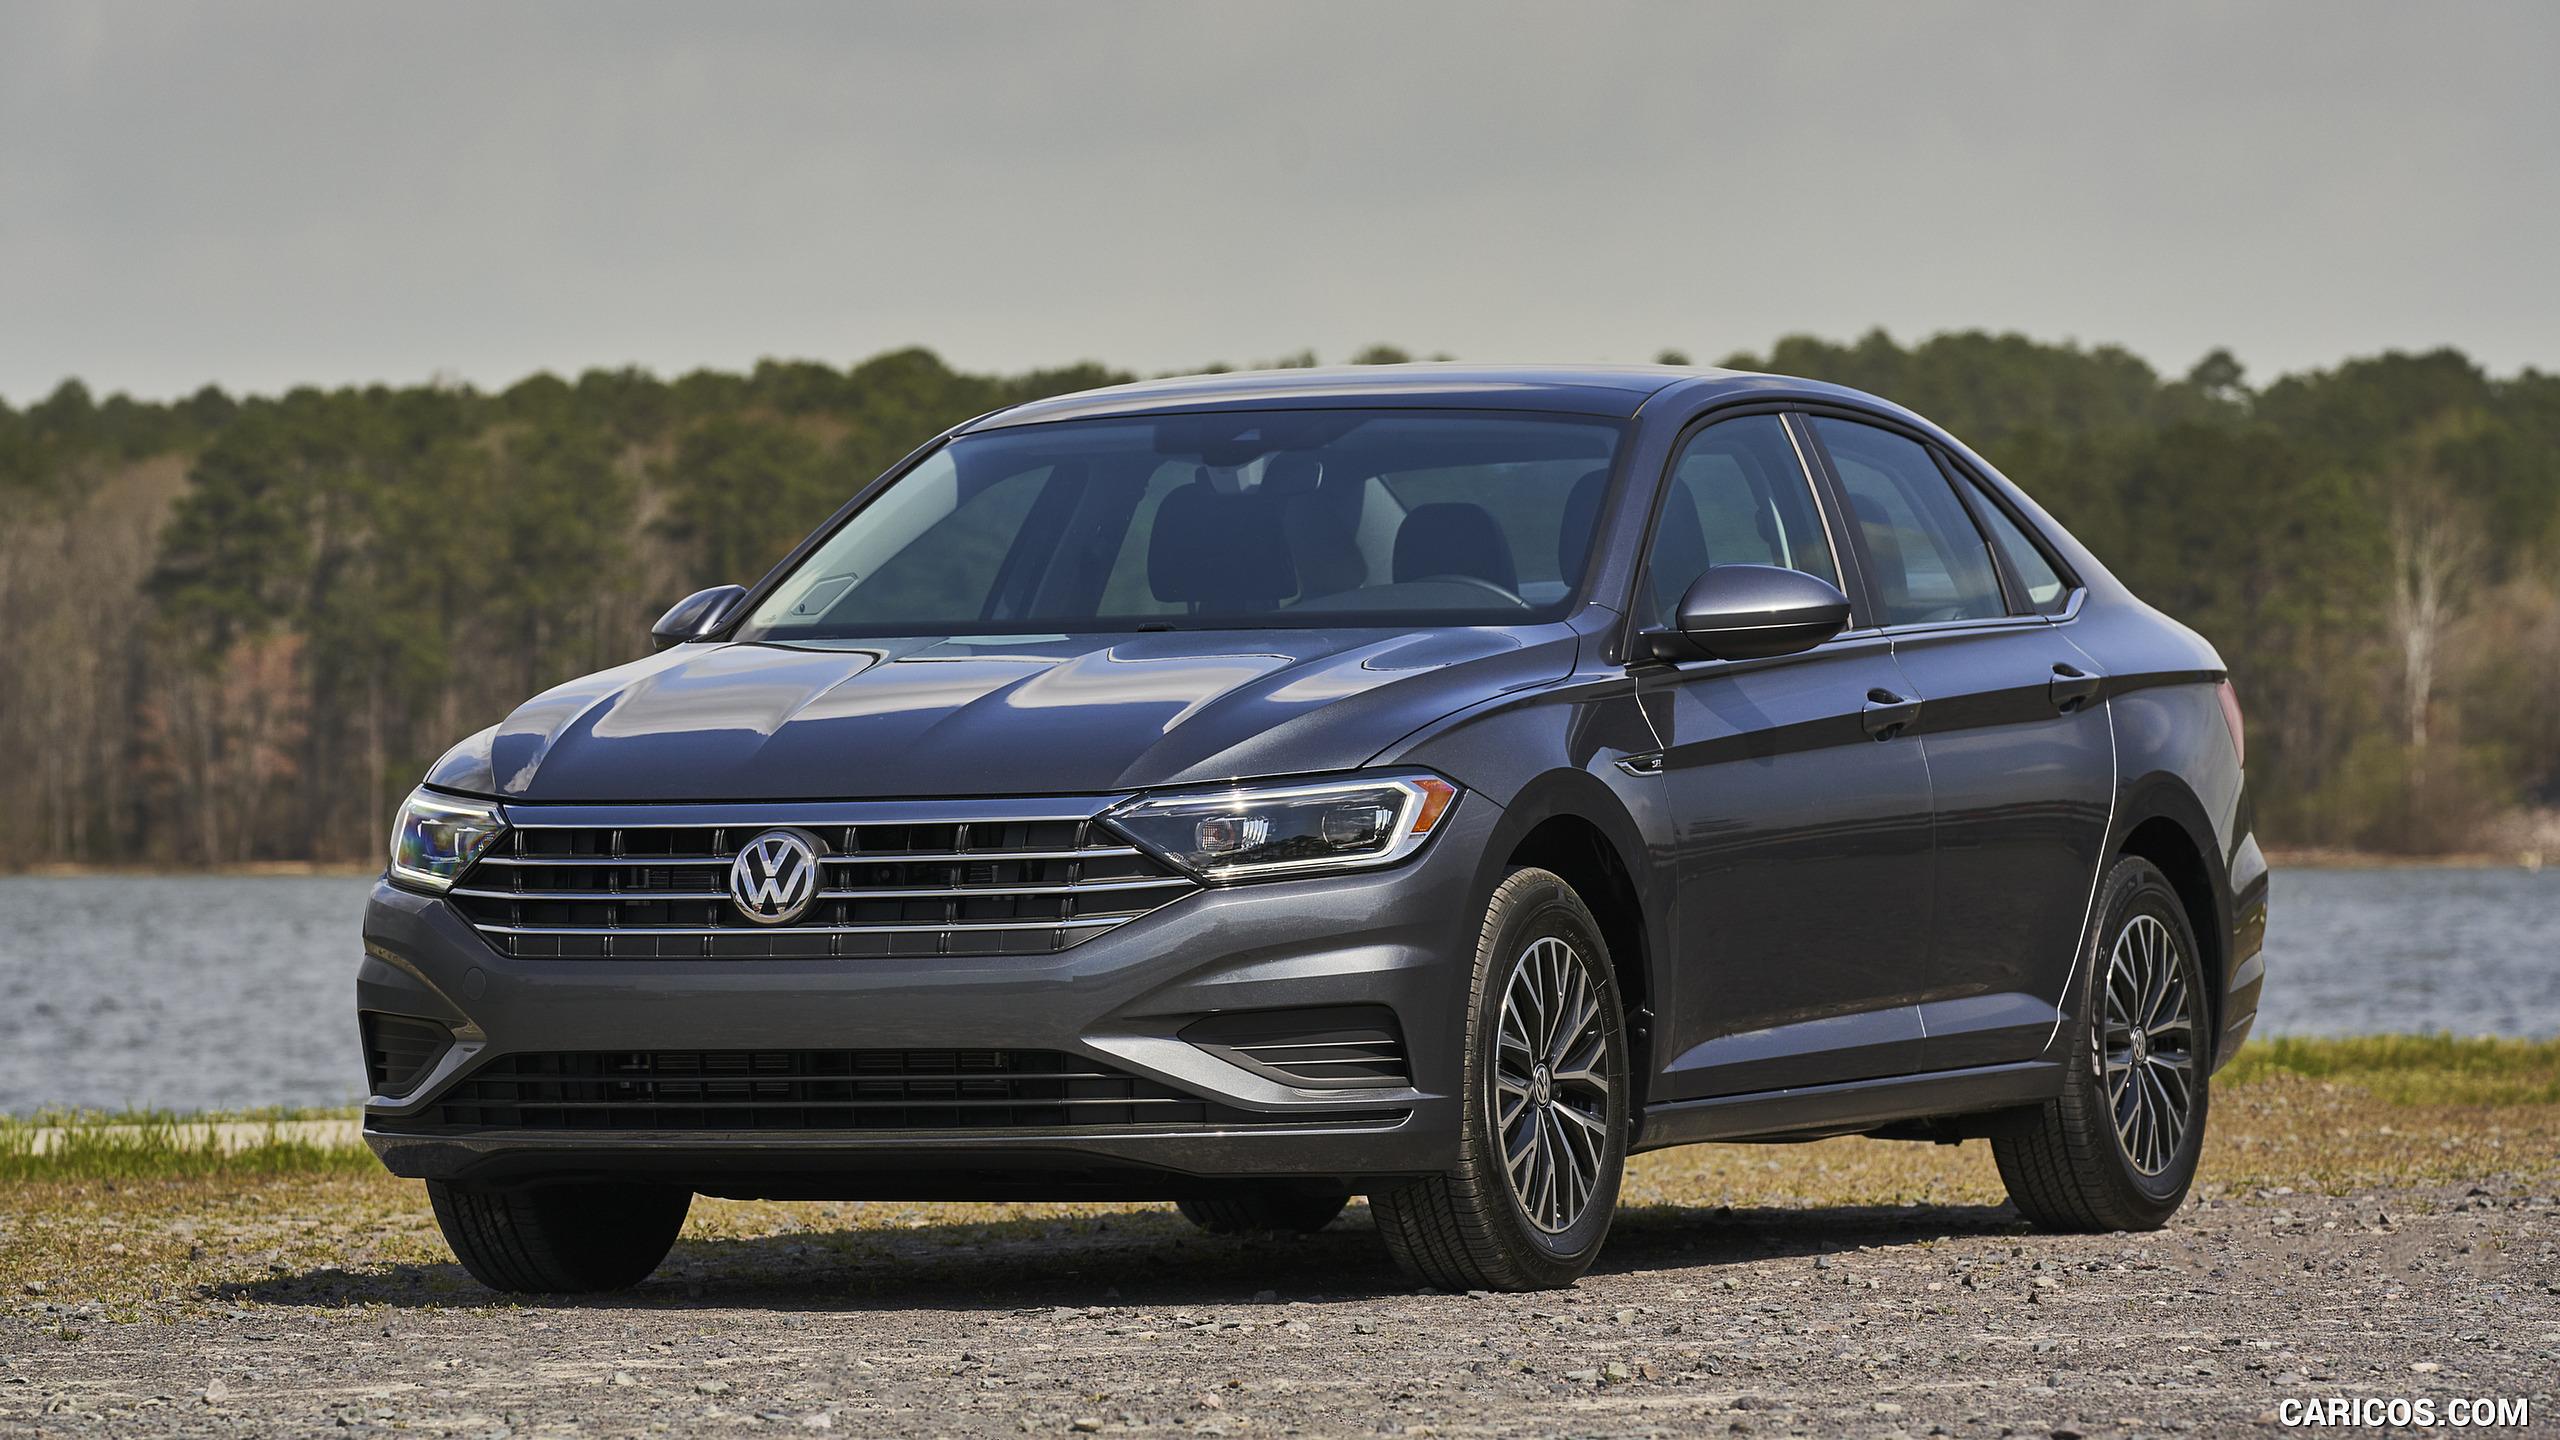 2019 Volkswagen Passat Wallpapers   Top 2019 Volkswagen 2560x1440